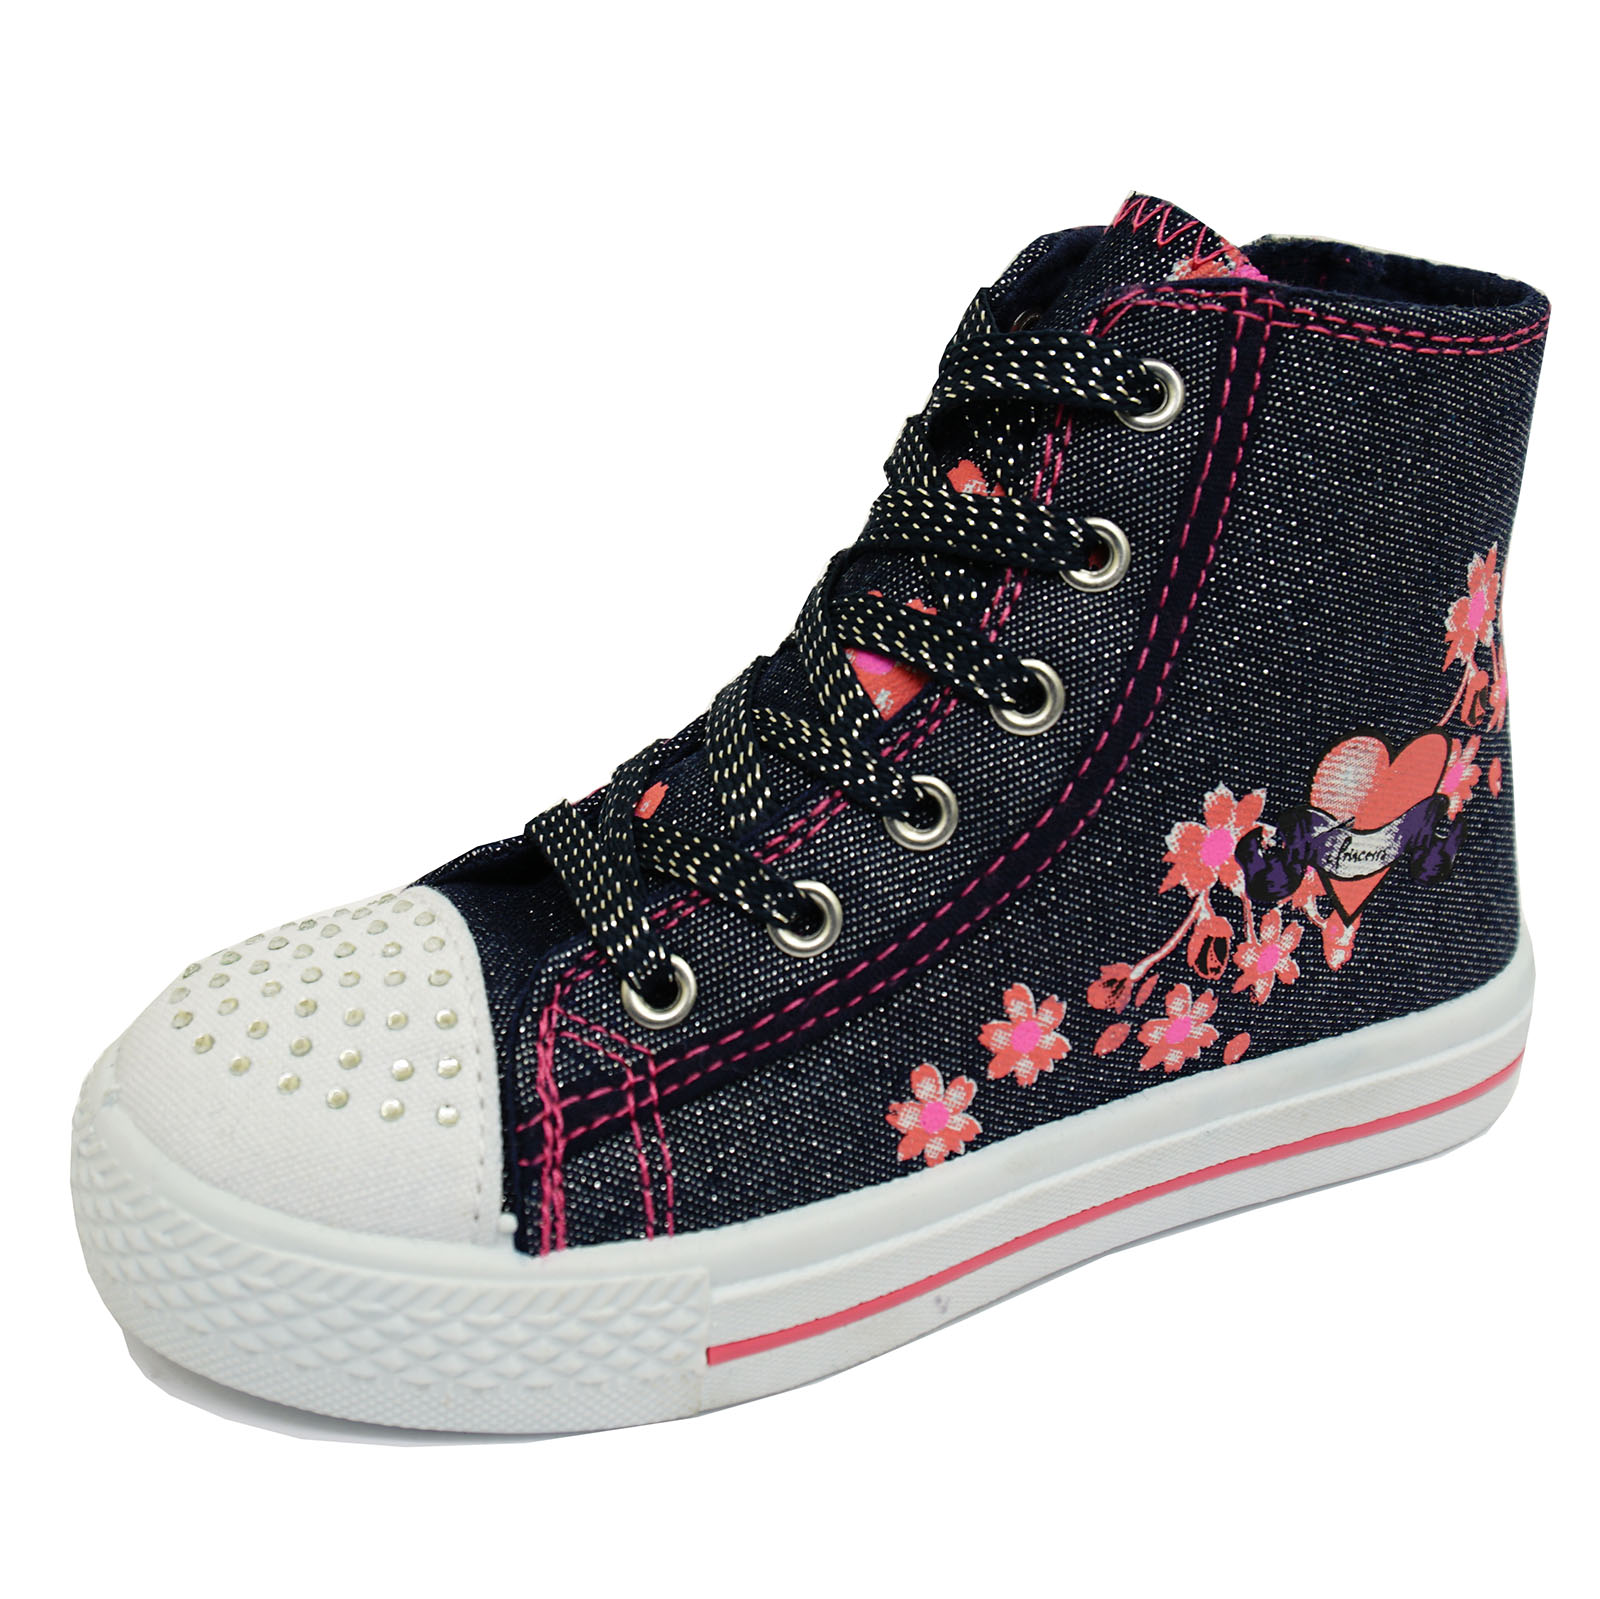 Chicas Azul Marino Brillo Cremallera Lona Zapatos Botas al Tobillo béisbol bombas de los tamaños 11-2